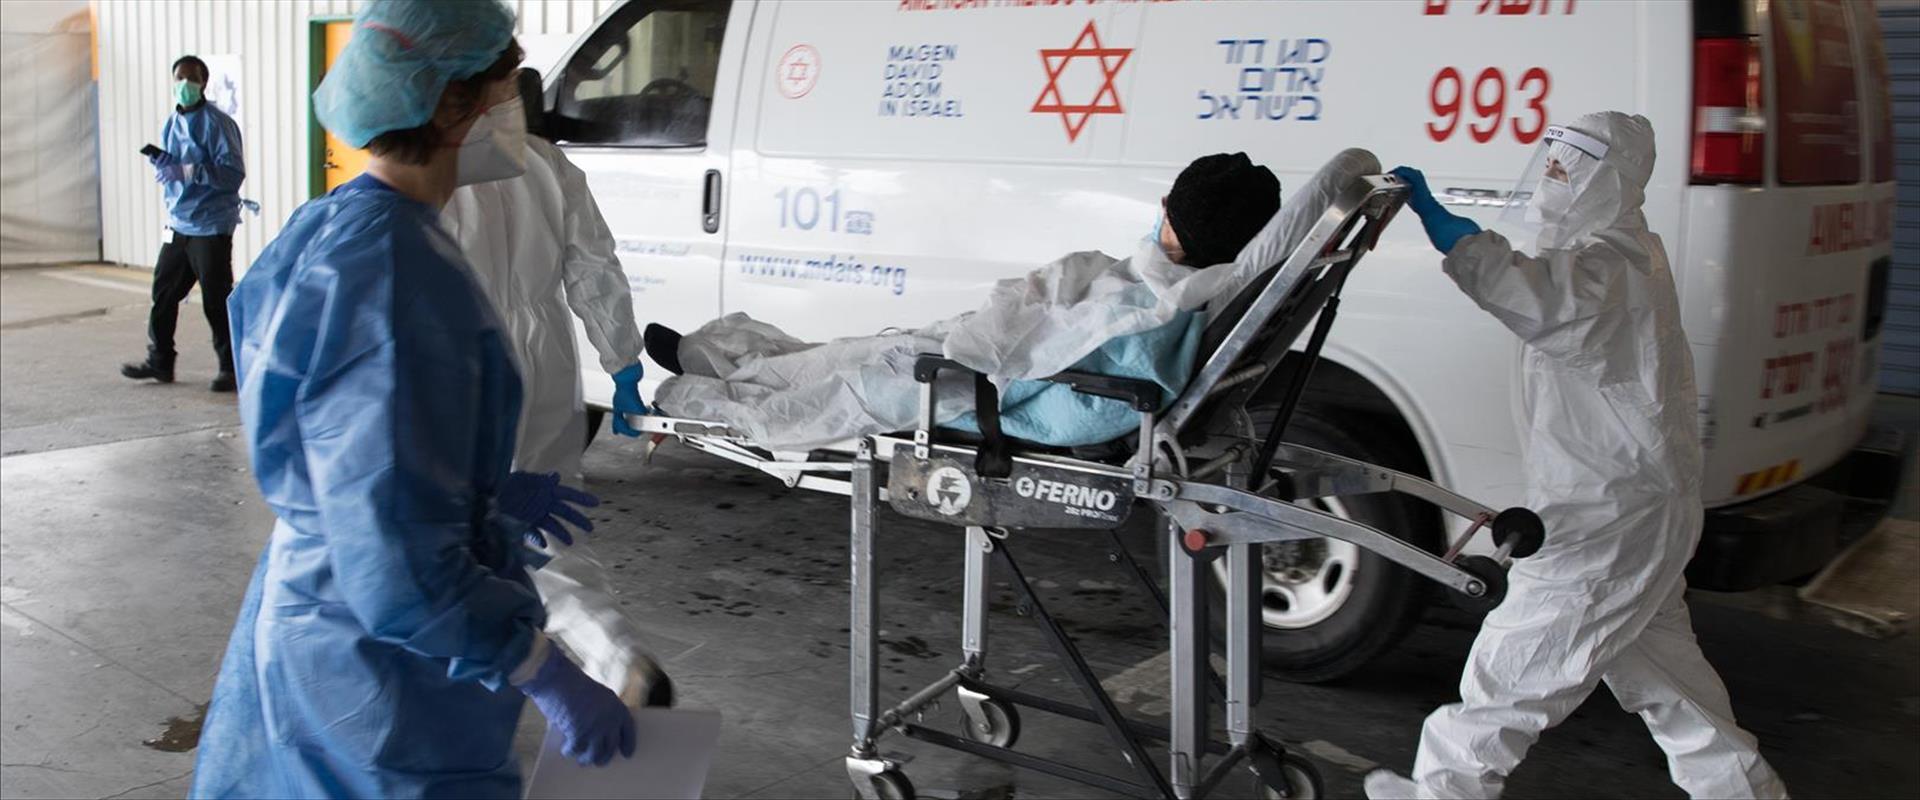 צוות רפואי מוביל חולה קורונה בבית החולים שערי צדק